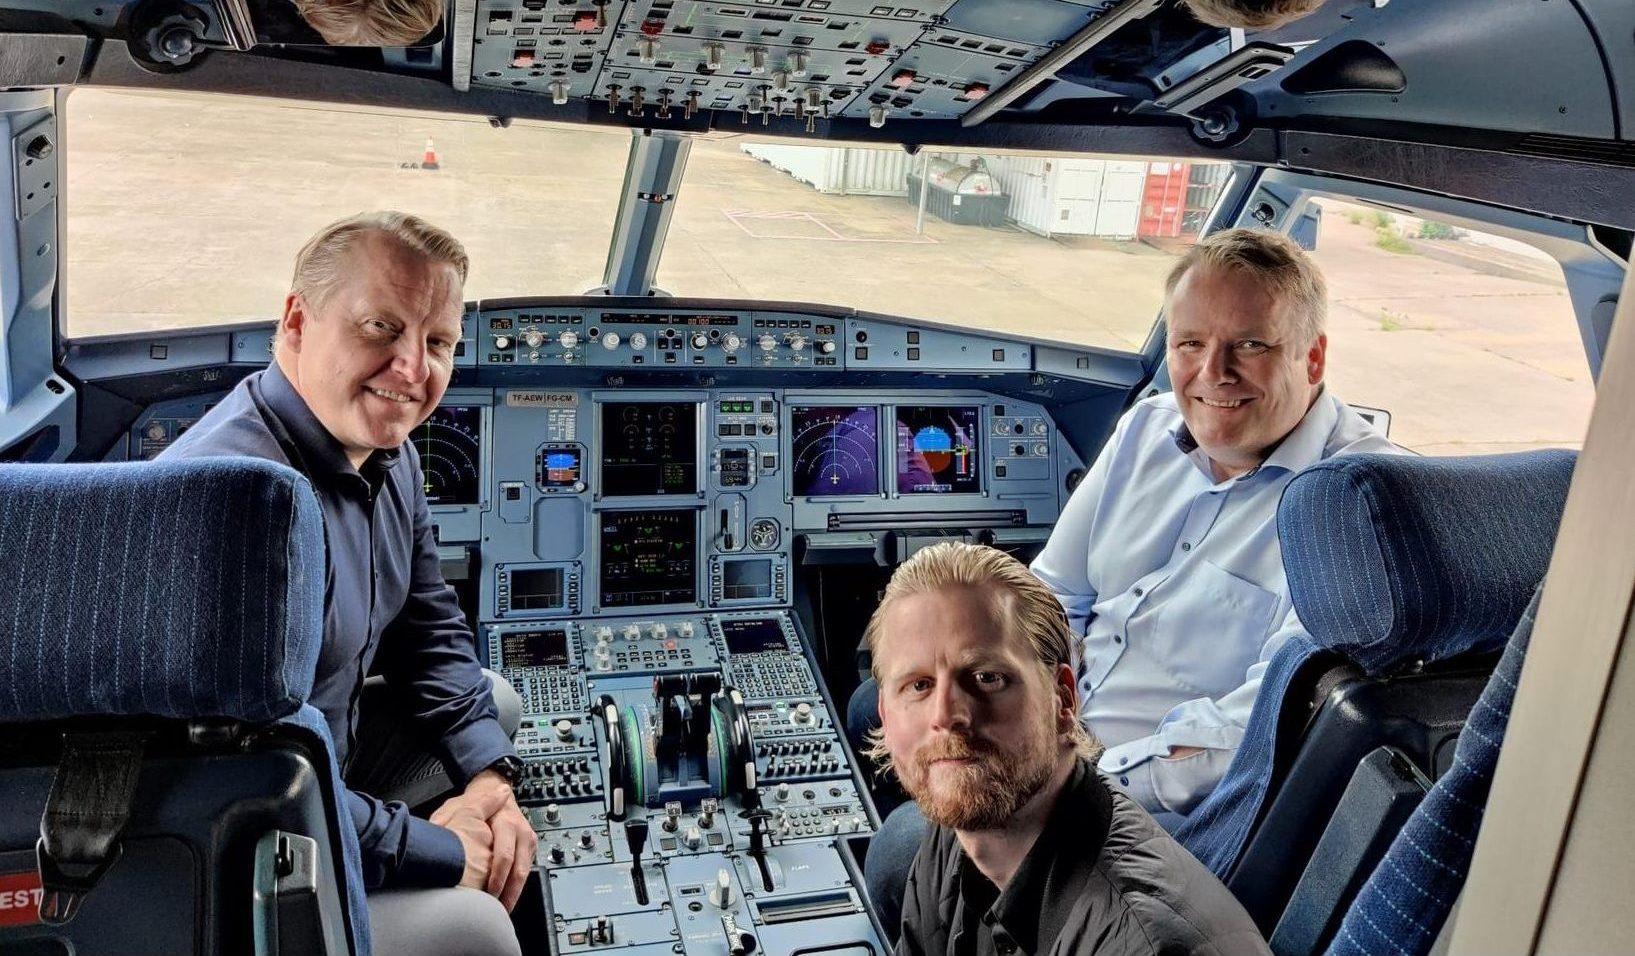 Piloterne Halldór  Guðfinnsson og Friðrik Ottesen samt Andra Geir Eyjólfsson, chef for teknisk afdeling i PLAY, i cockpittet på den første Airbus A321neo til det nye islandske lavprisflyselskab. Foto: PLAY